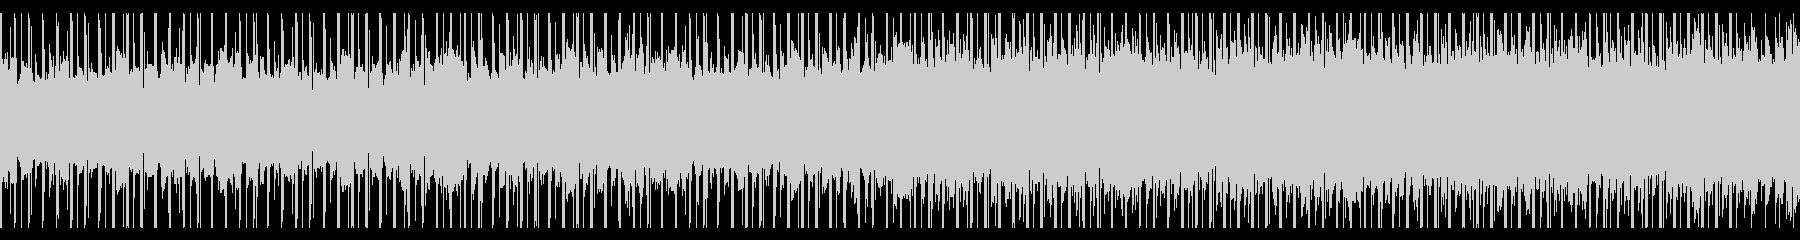 チュートリアル(ループ)の未再生の波形